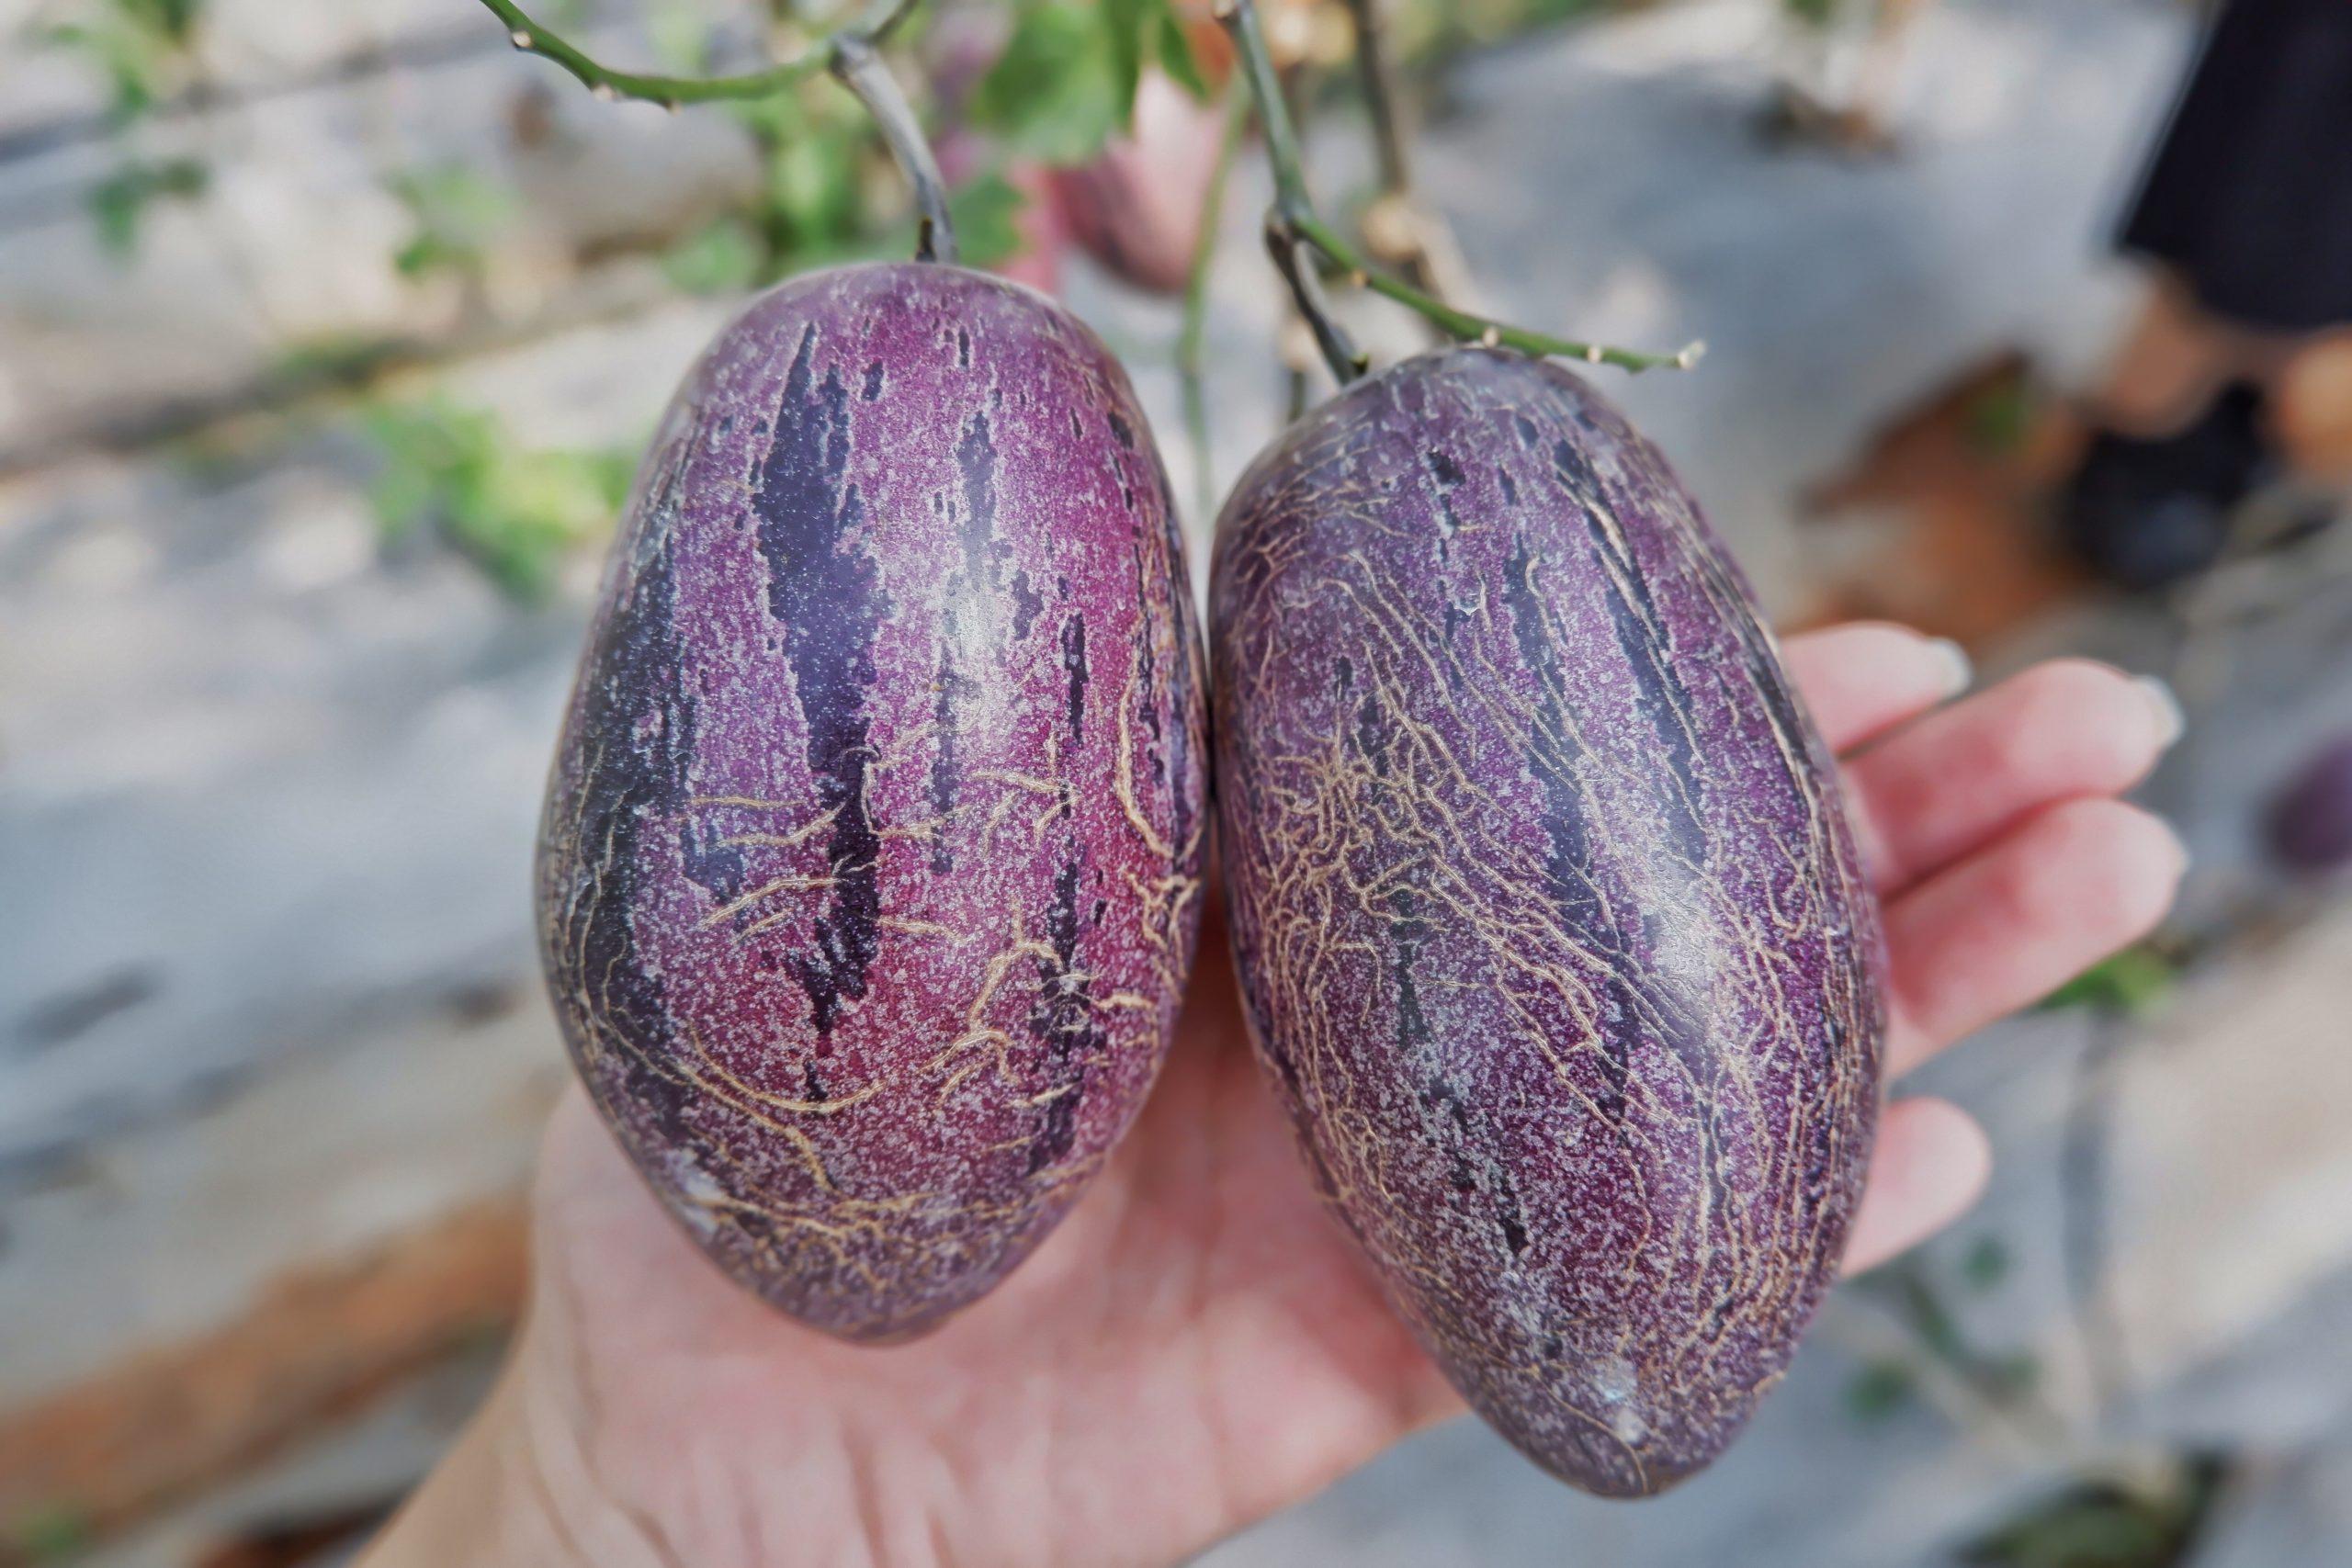 Dưa pepino khi chín có màu đậm hơn